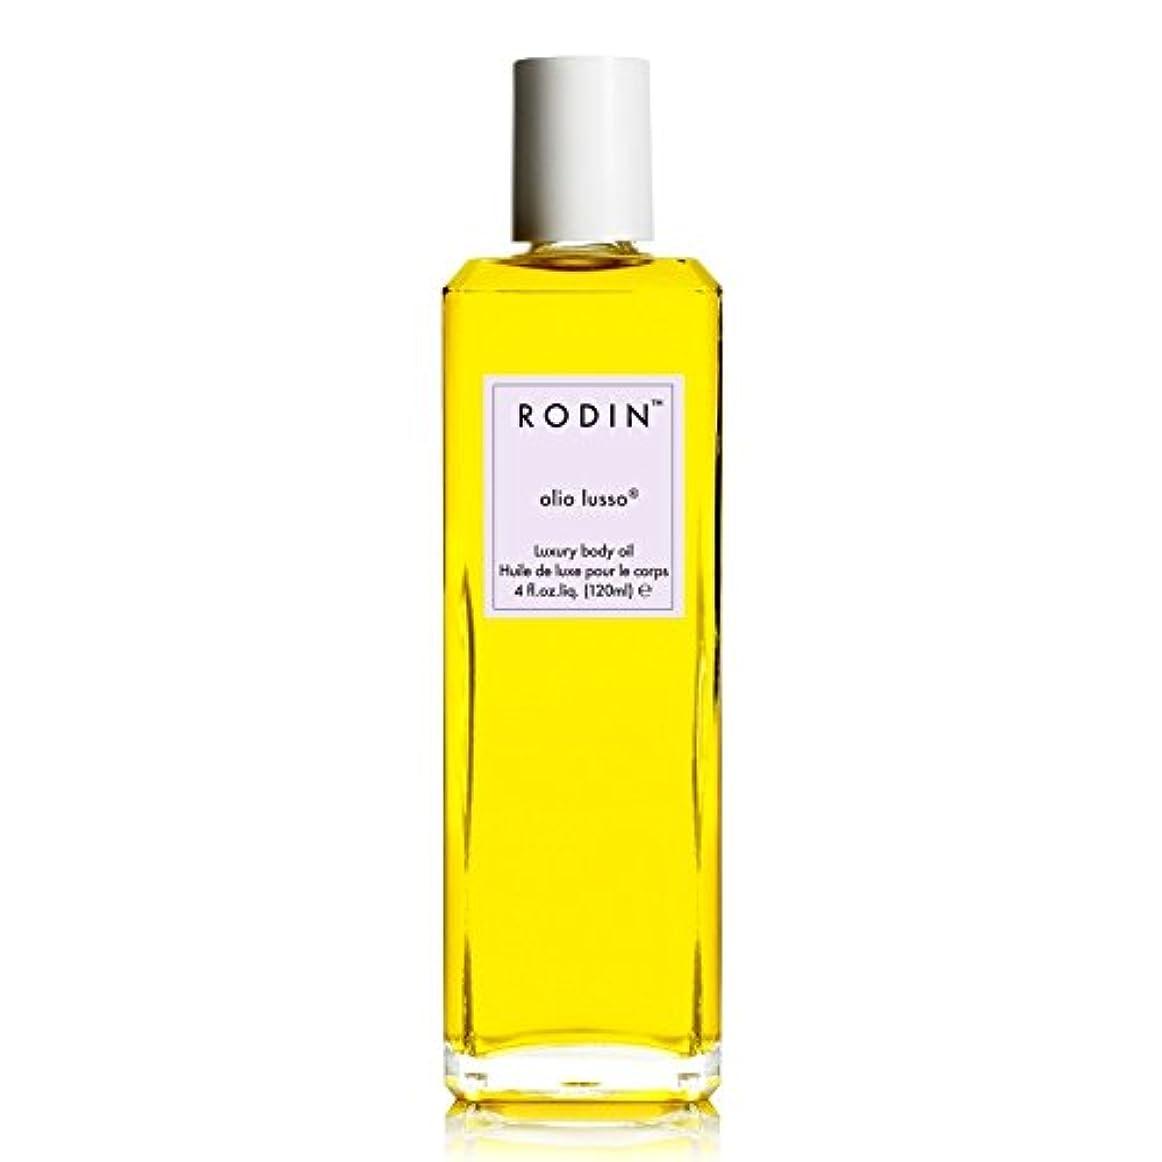 揺れるエンターテインメント励起RODIN olio lusso Lavender Absolute Luxury Body Oil 30ml (Pack of 6) - ロダンルッソラベンダー絶対贅沢なボディオイル30ミリリットル x6 [並行輸入品]